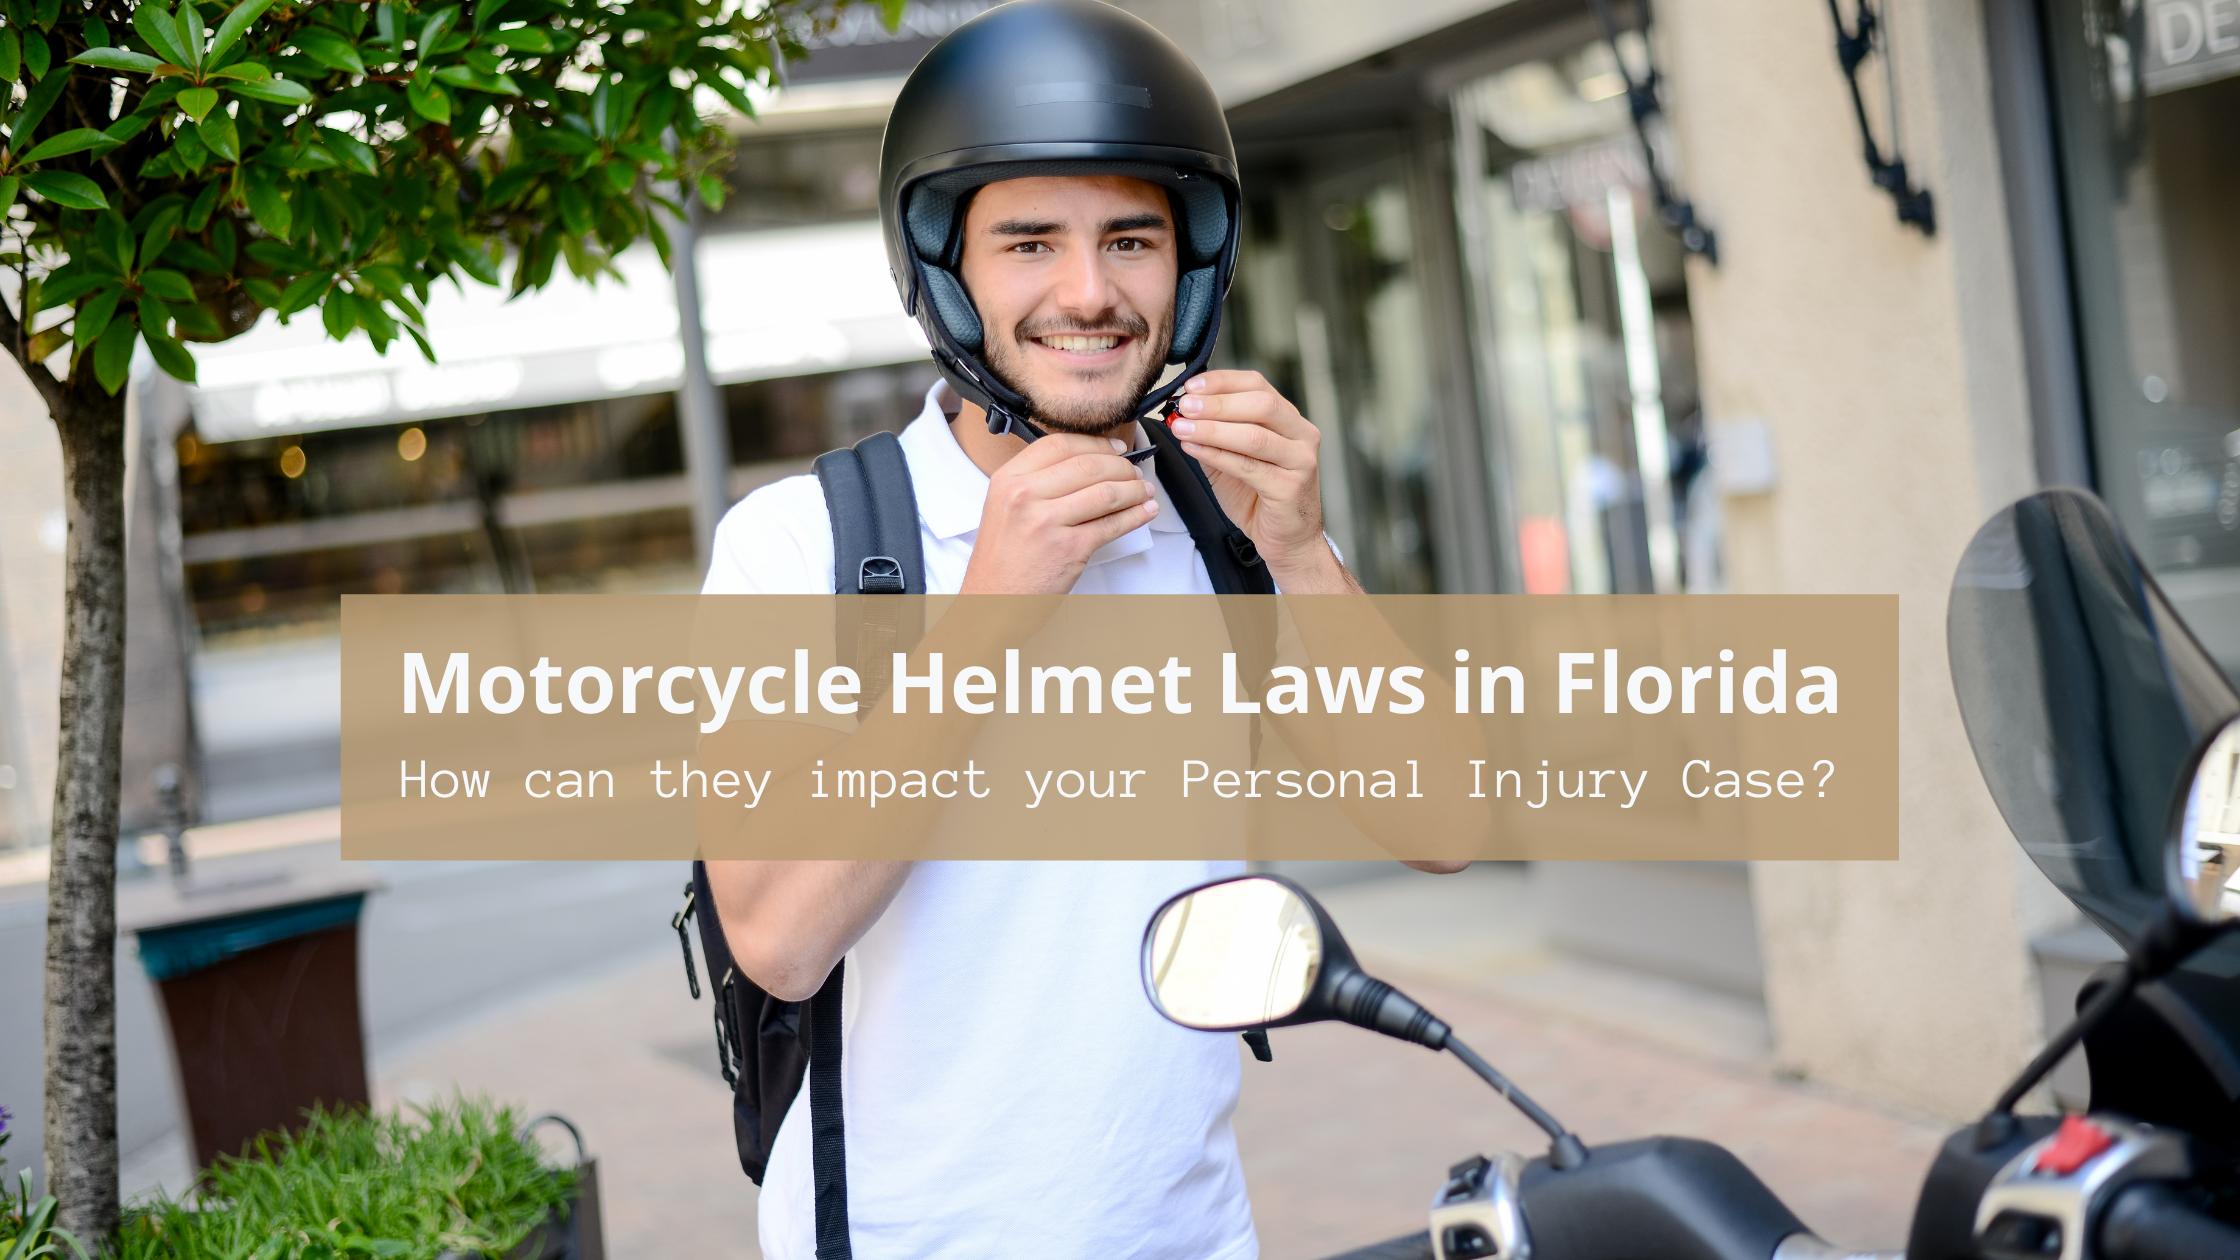 Motorcycle Helmet Laws in Florida